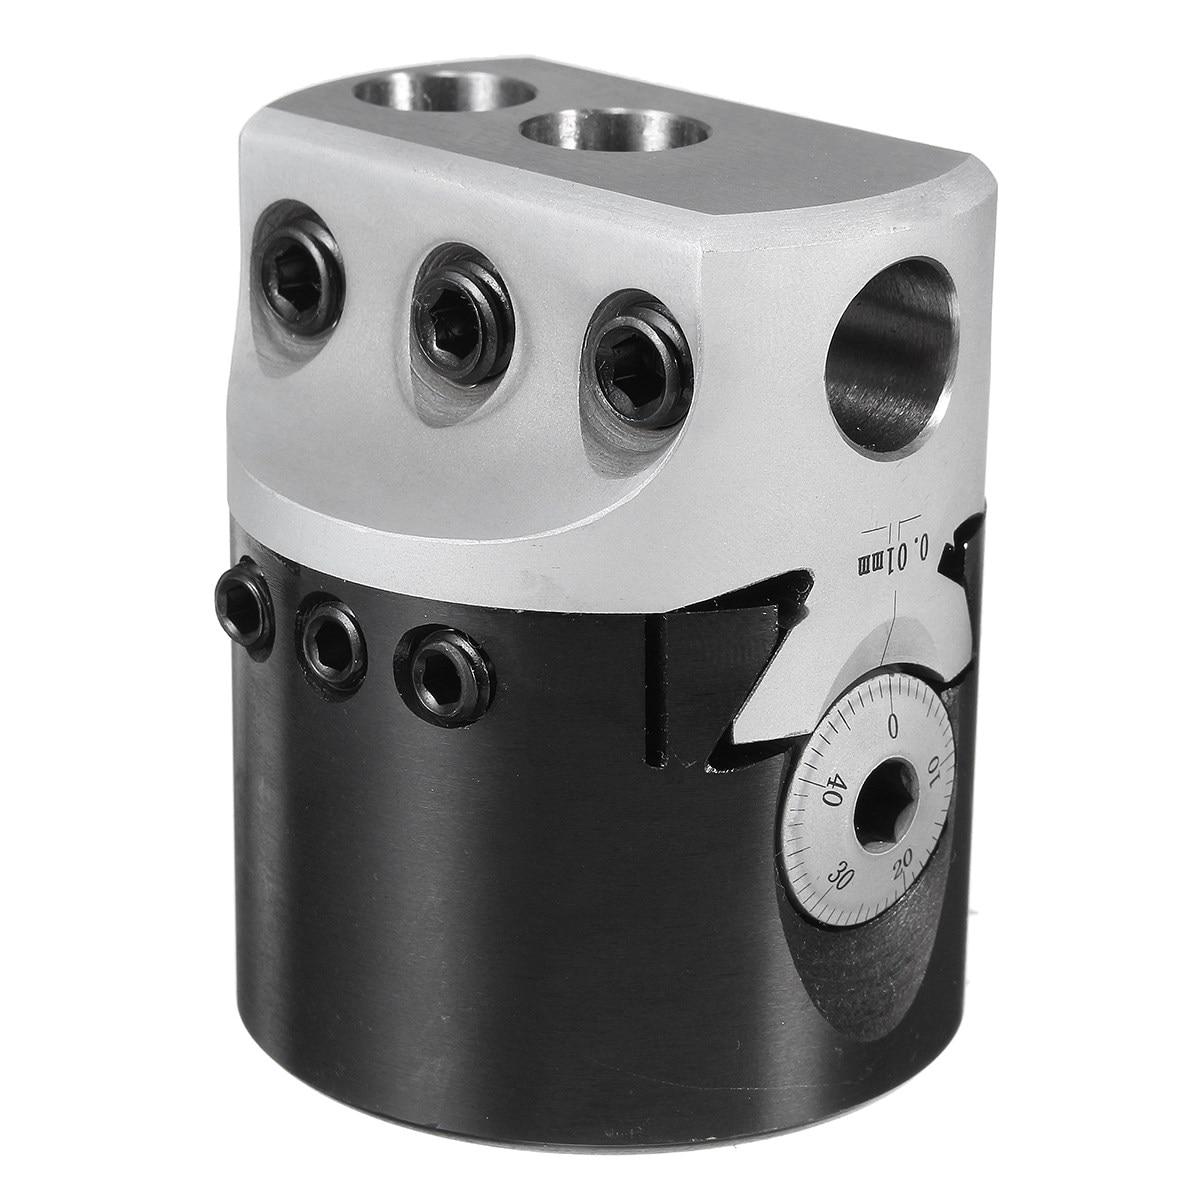 50mm Cabeça Chata F1 12 Diâmetro Para Fresagem Torno Chegada Nova Excelente Qualidade Com 3 t chave Durável em uso